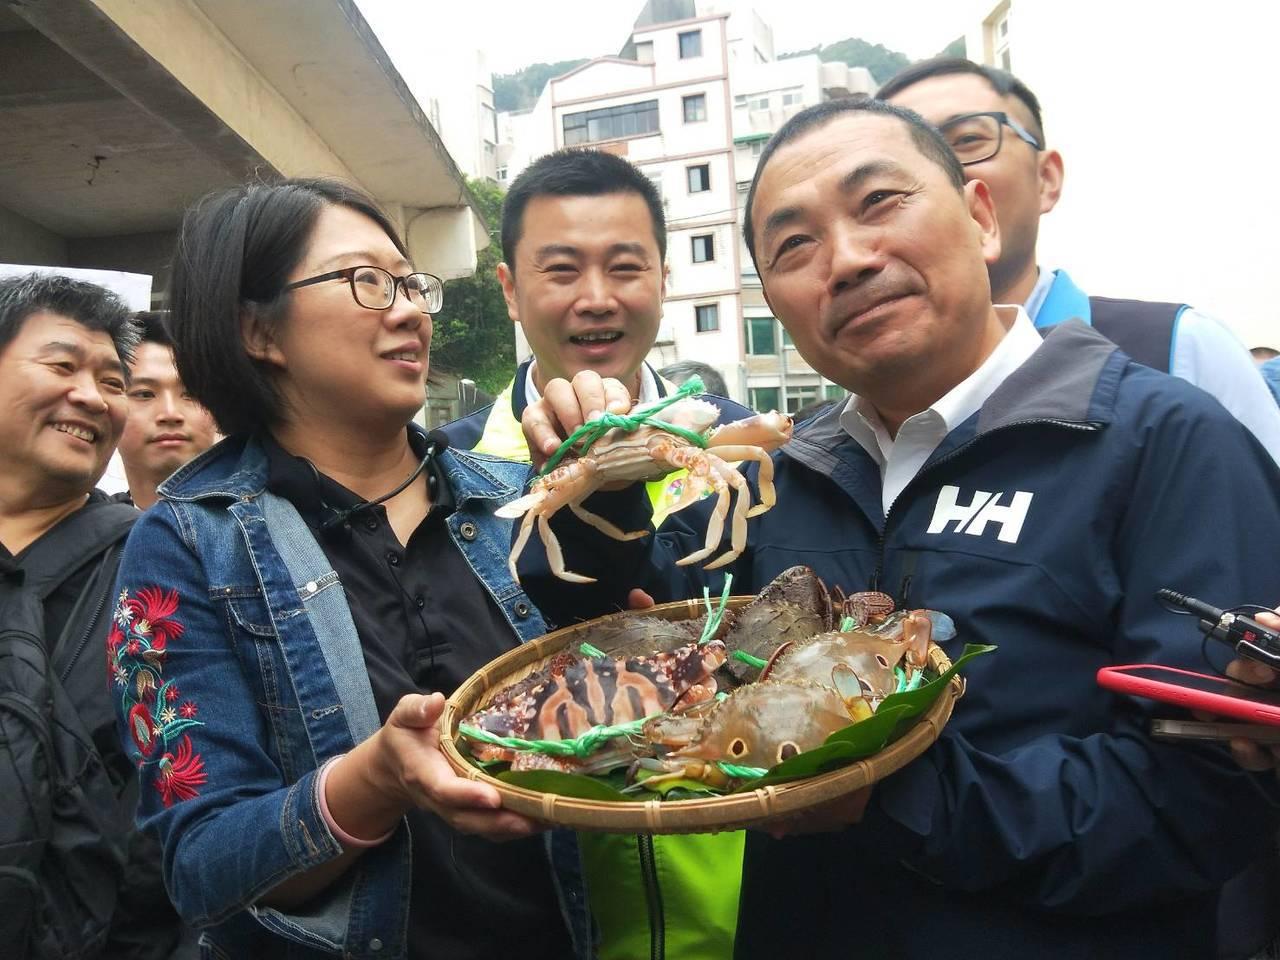 新北市長侯友宜說,象鼻岩一定要把安全做好,擬拉警戒線。記者游明煌/攝影